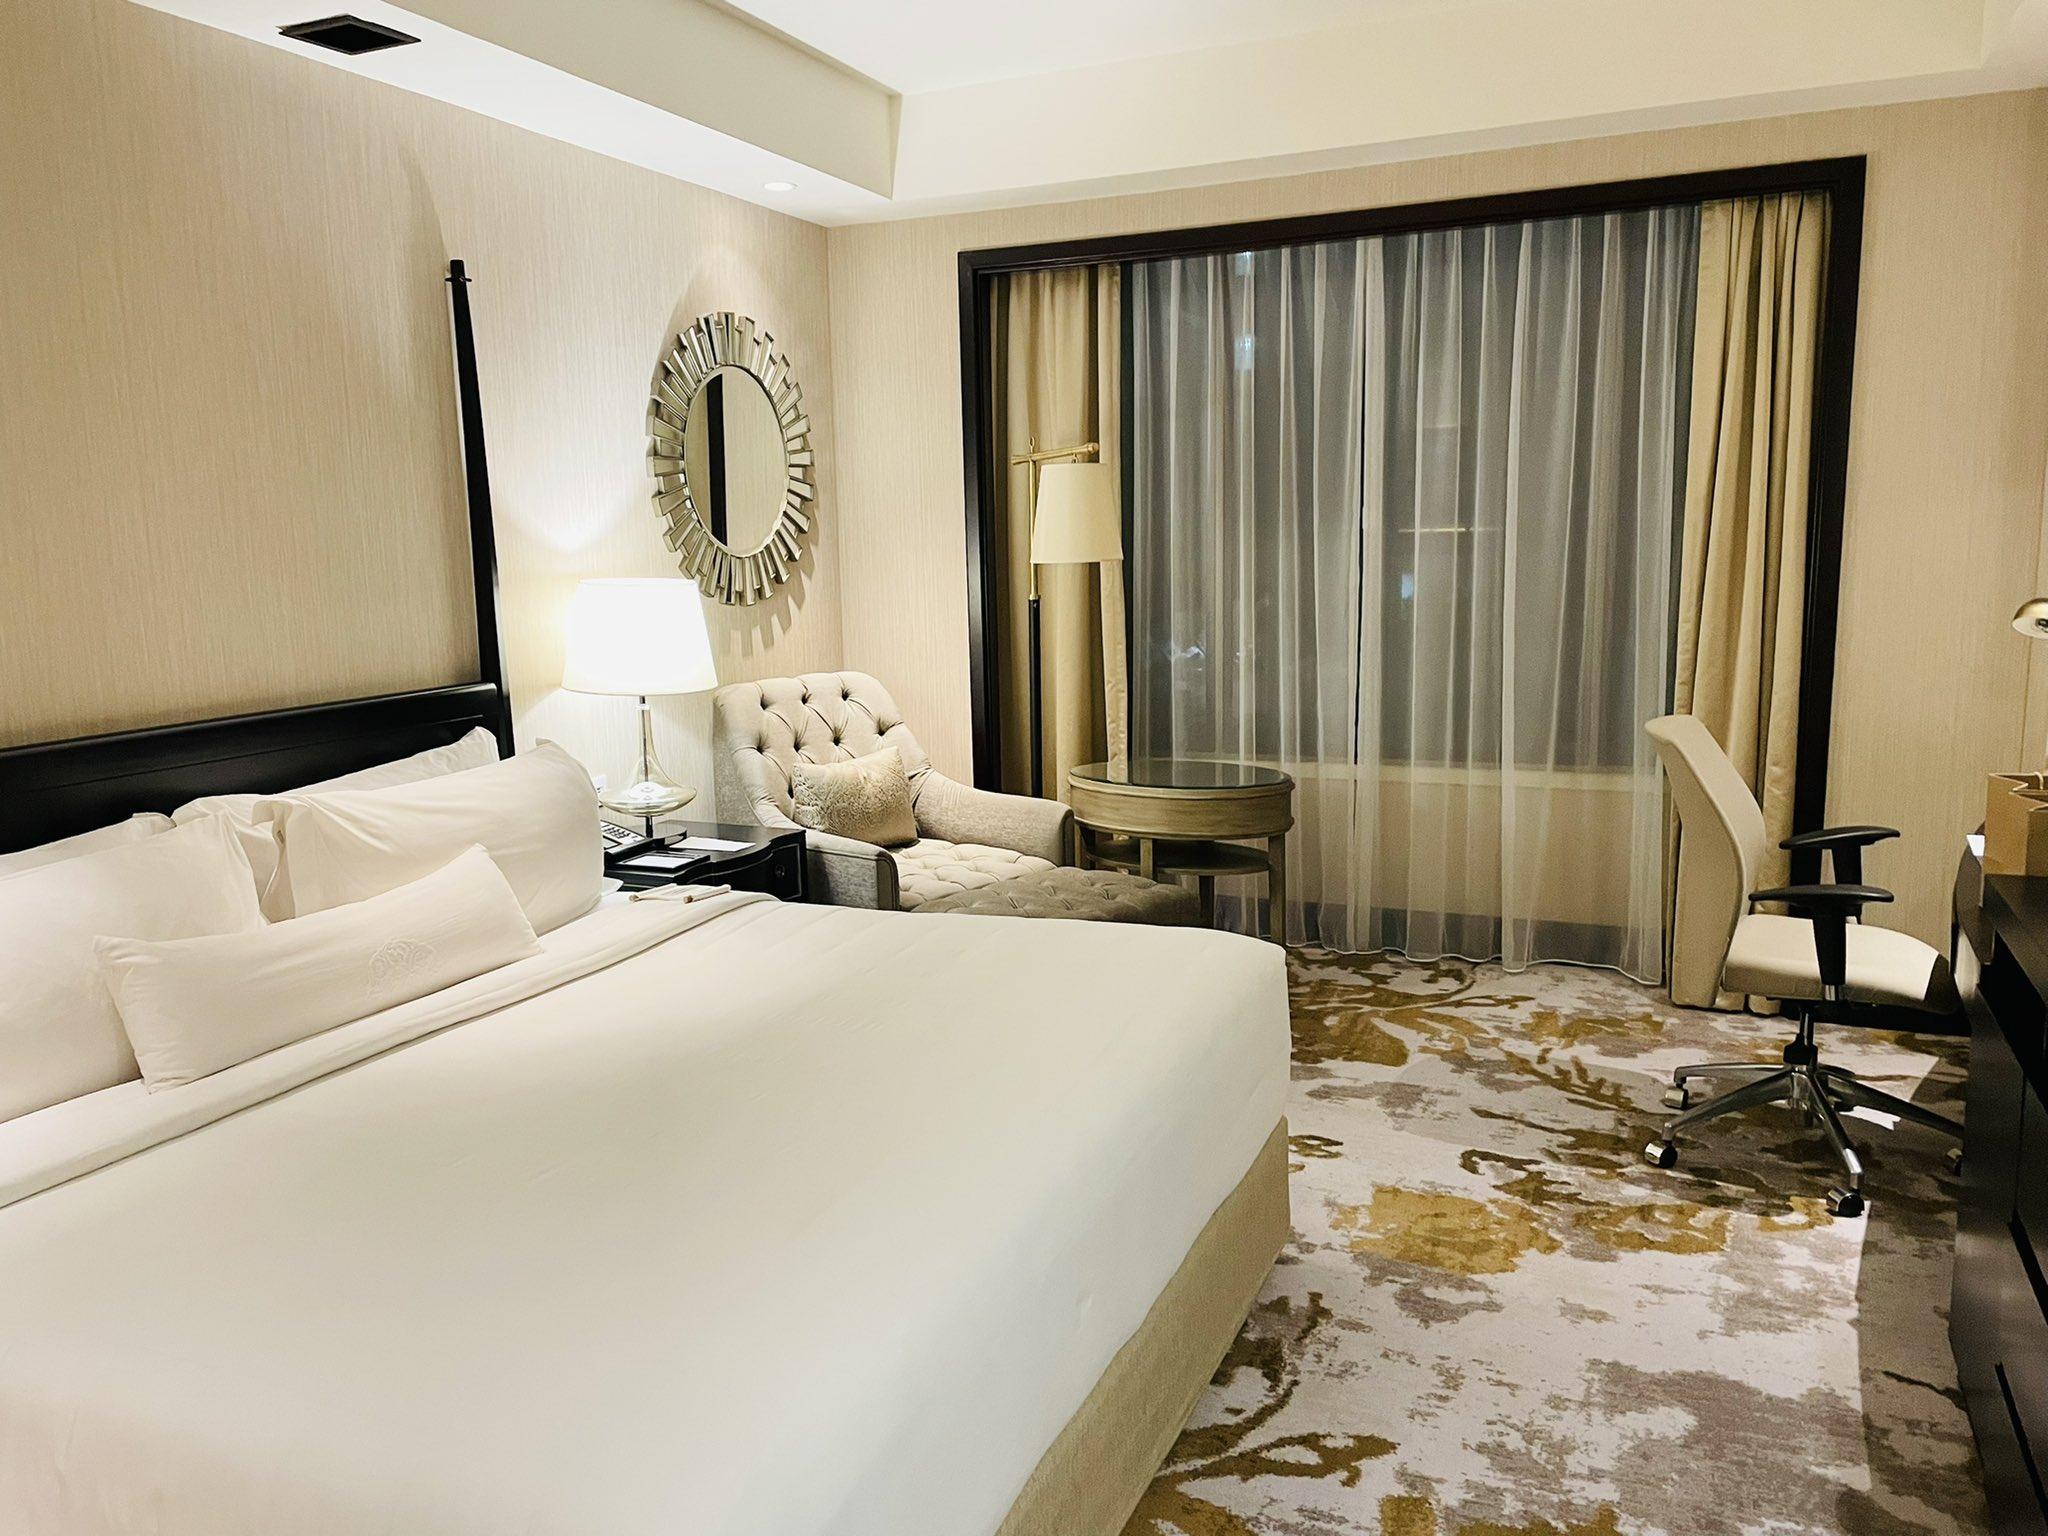 AYANA 1bed room suite 3